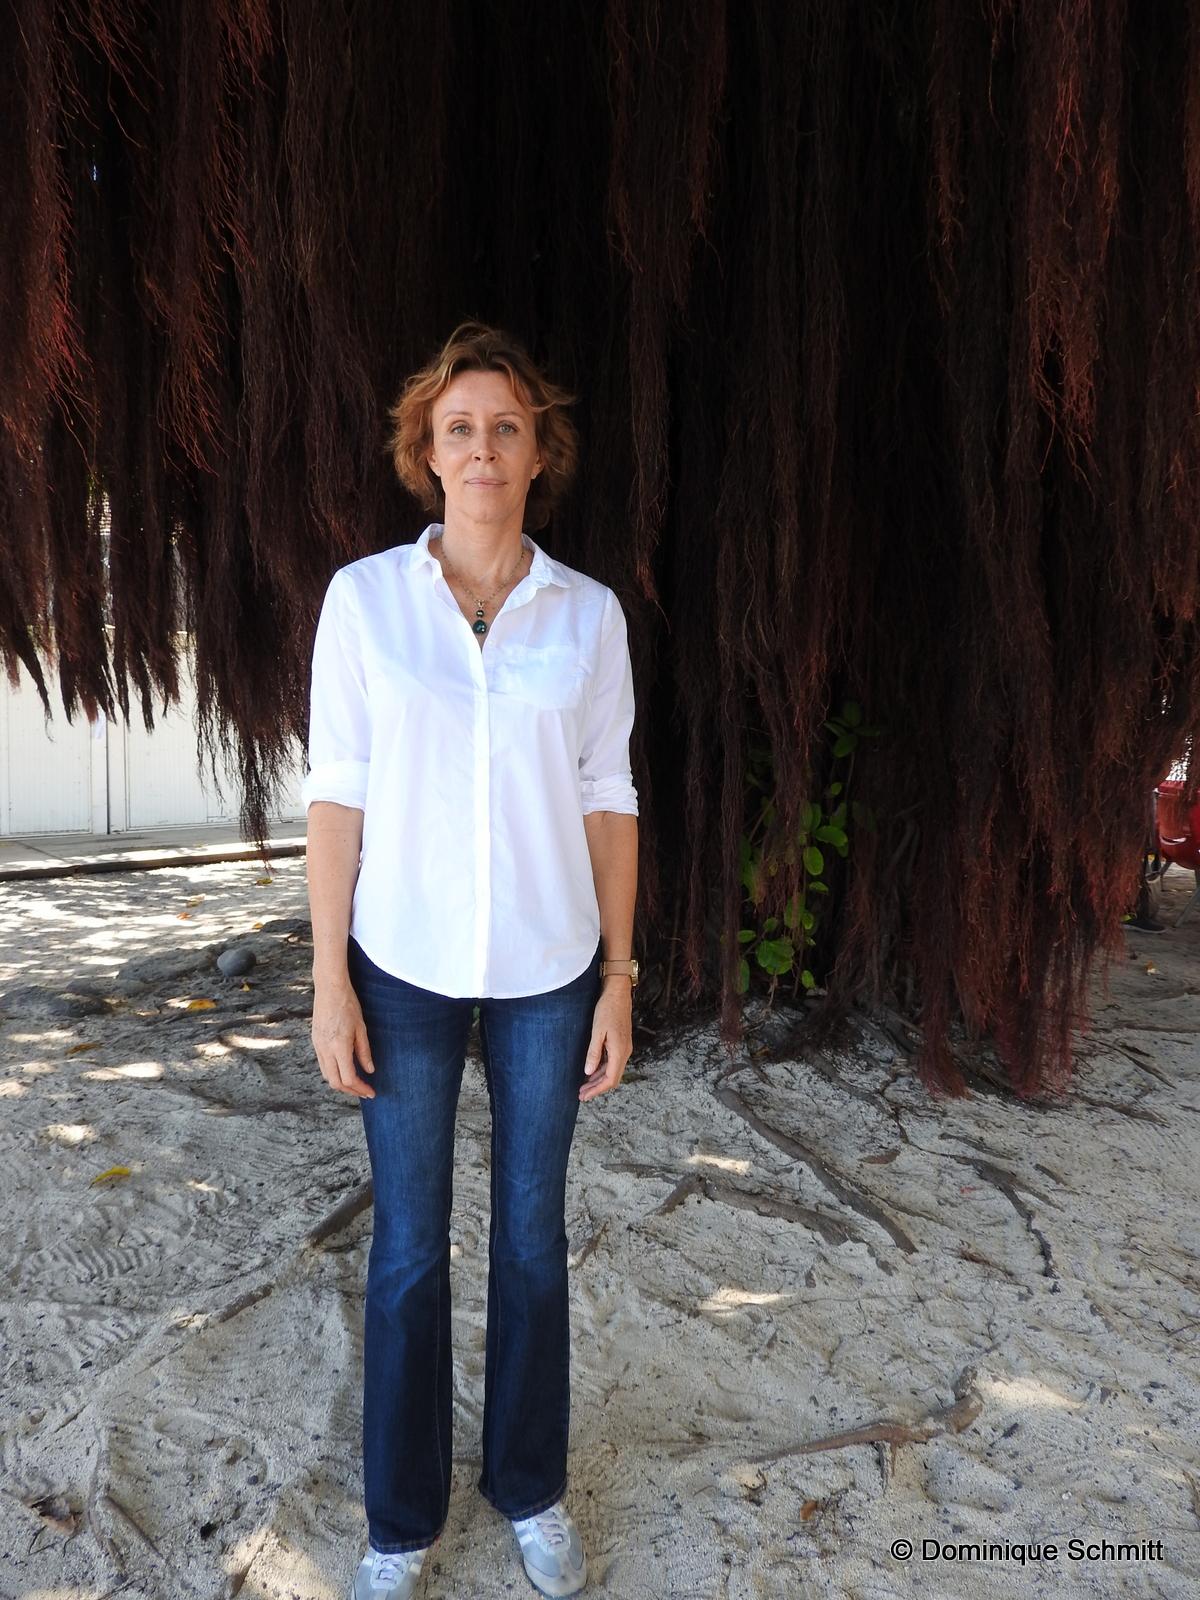 Professeur de théâtre au Conservatoire artistique, Christine Bennett est responsable de la mise en scène.